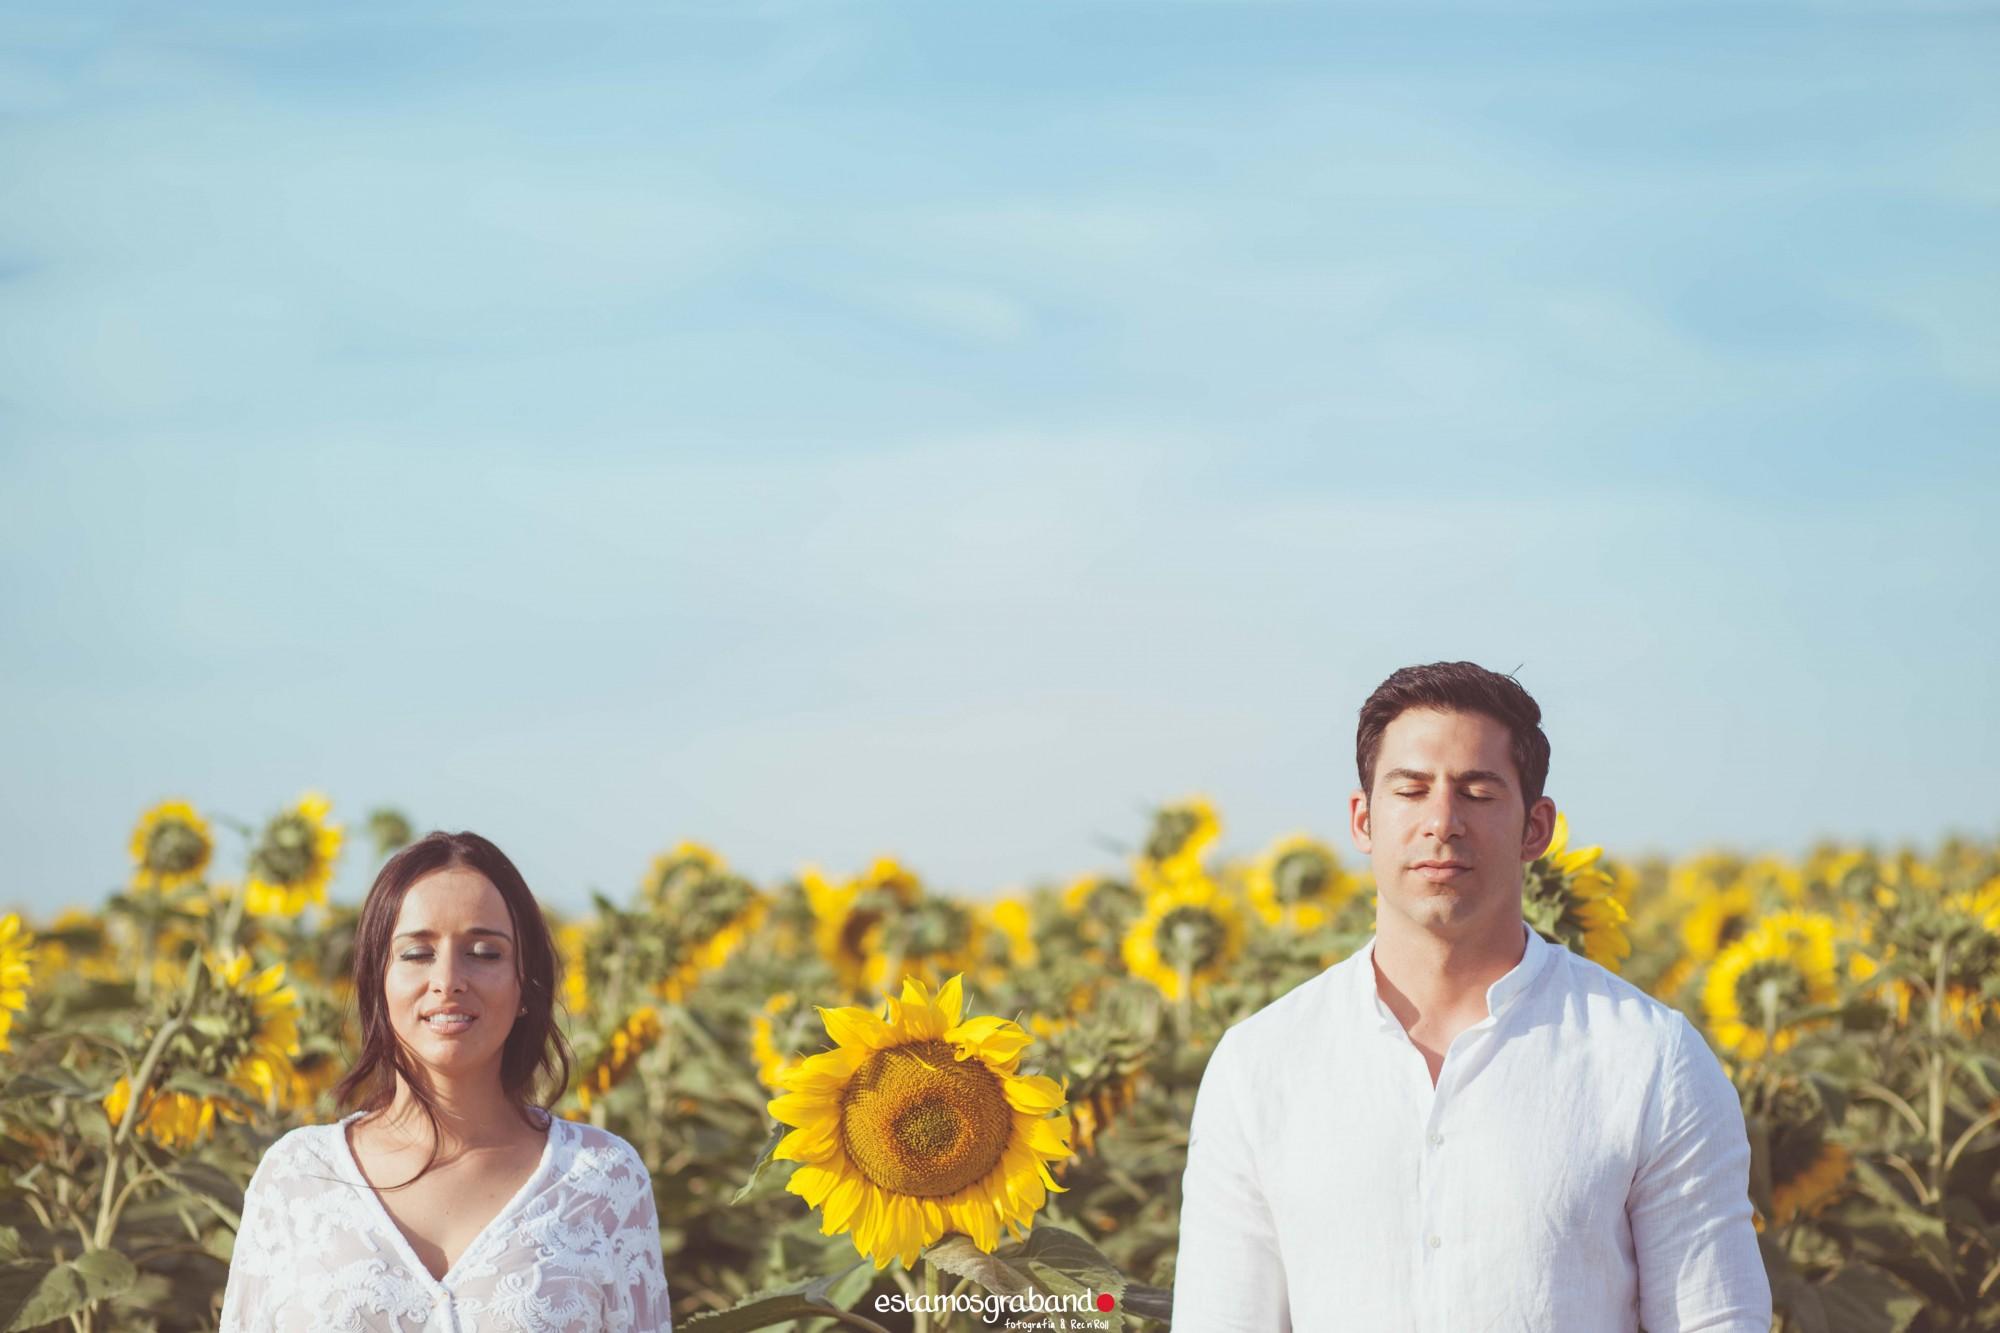 sonia-y-dani-7-de-45 Sonia & Dani - video boda cadiz